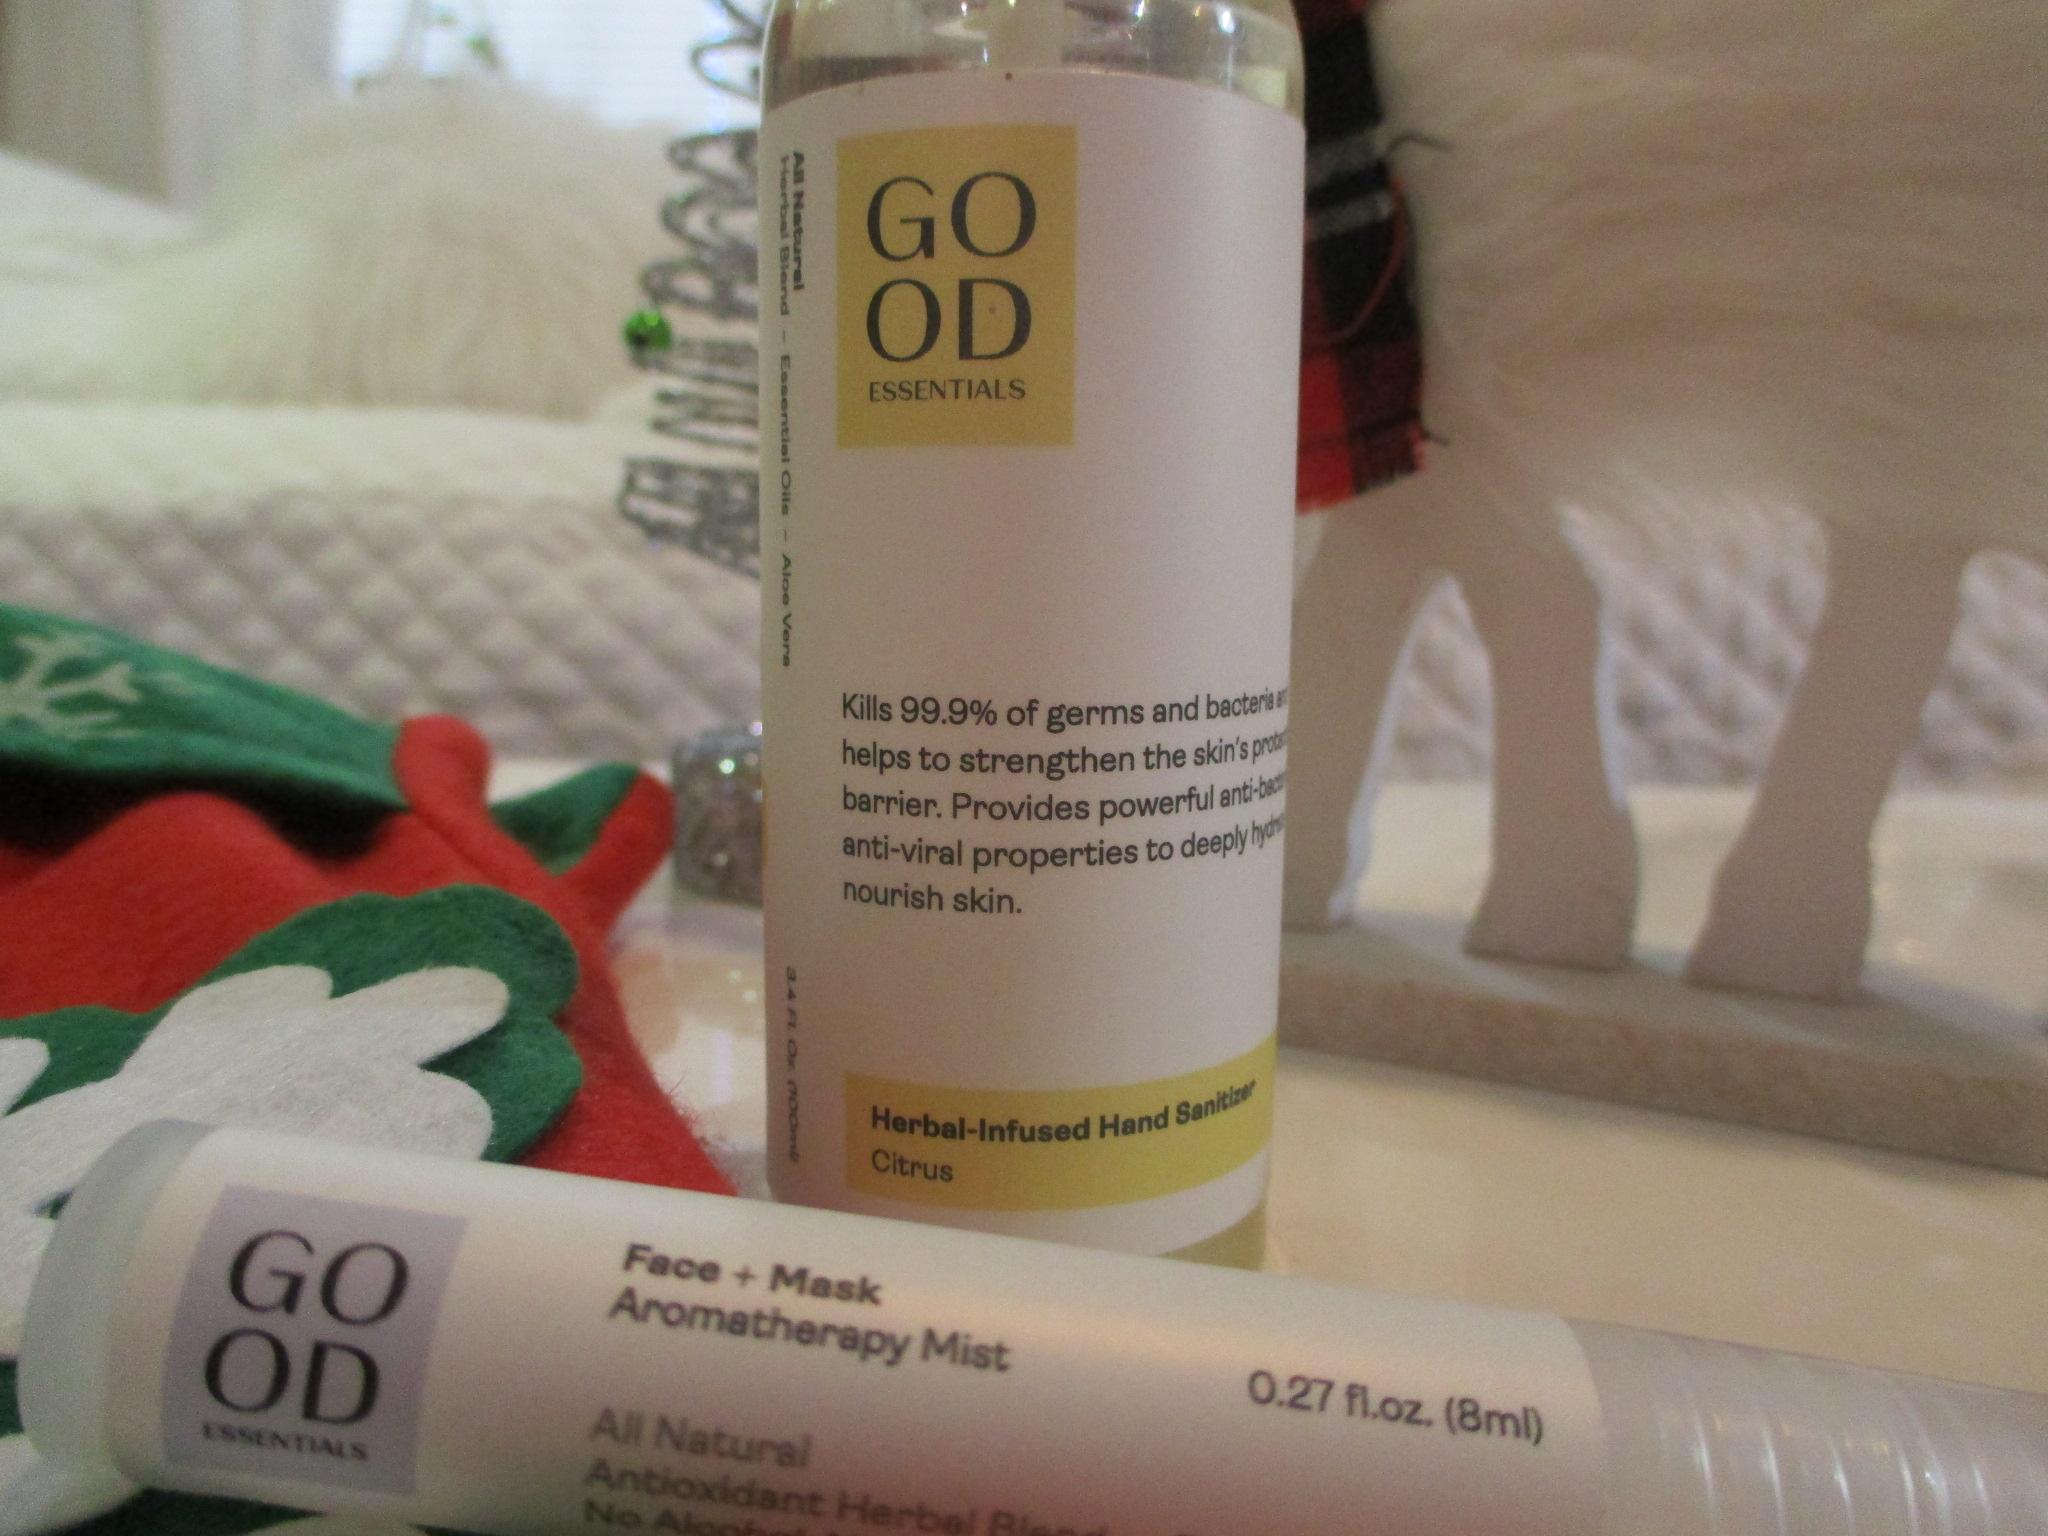 Good Essentials Stocking Stuffers Kills Germs